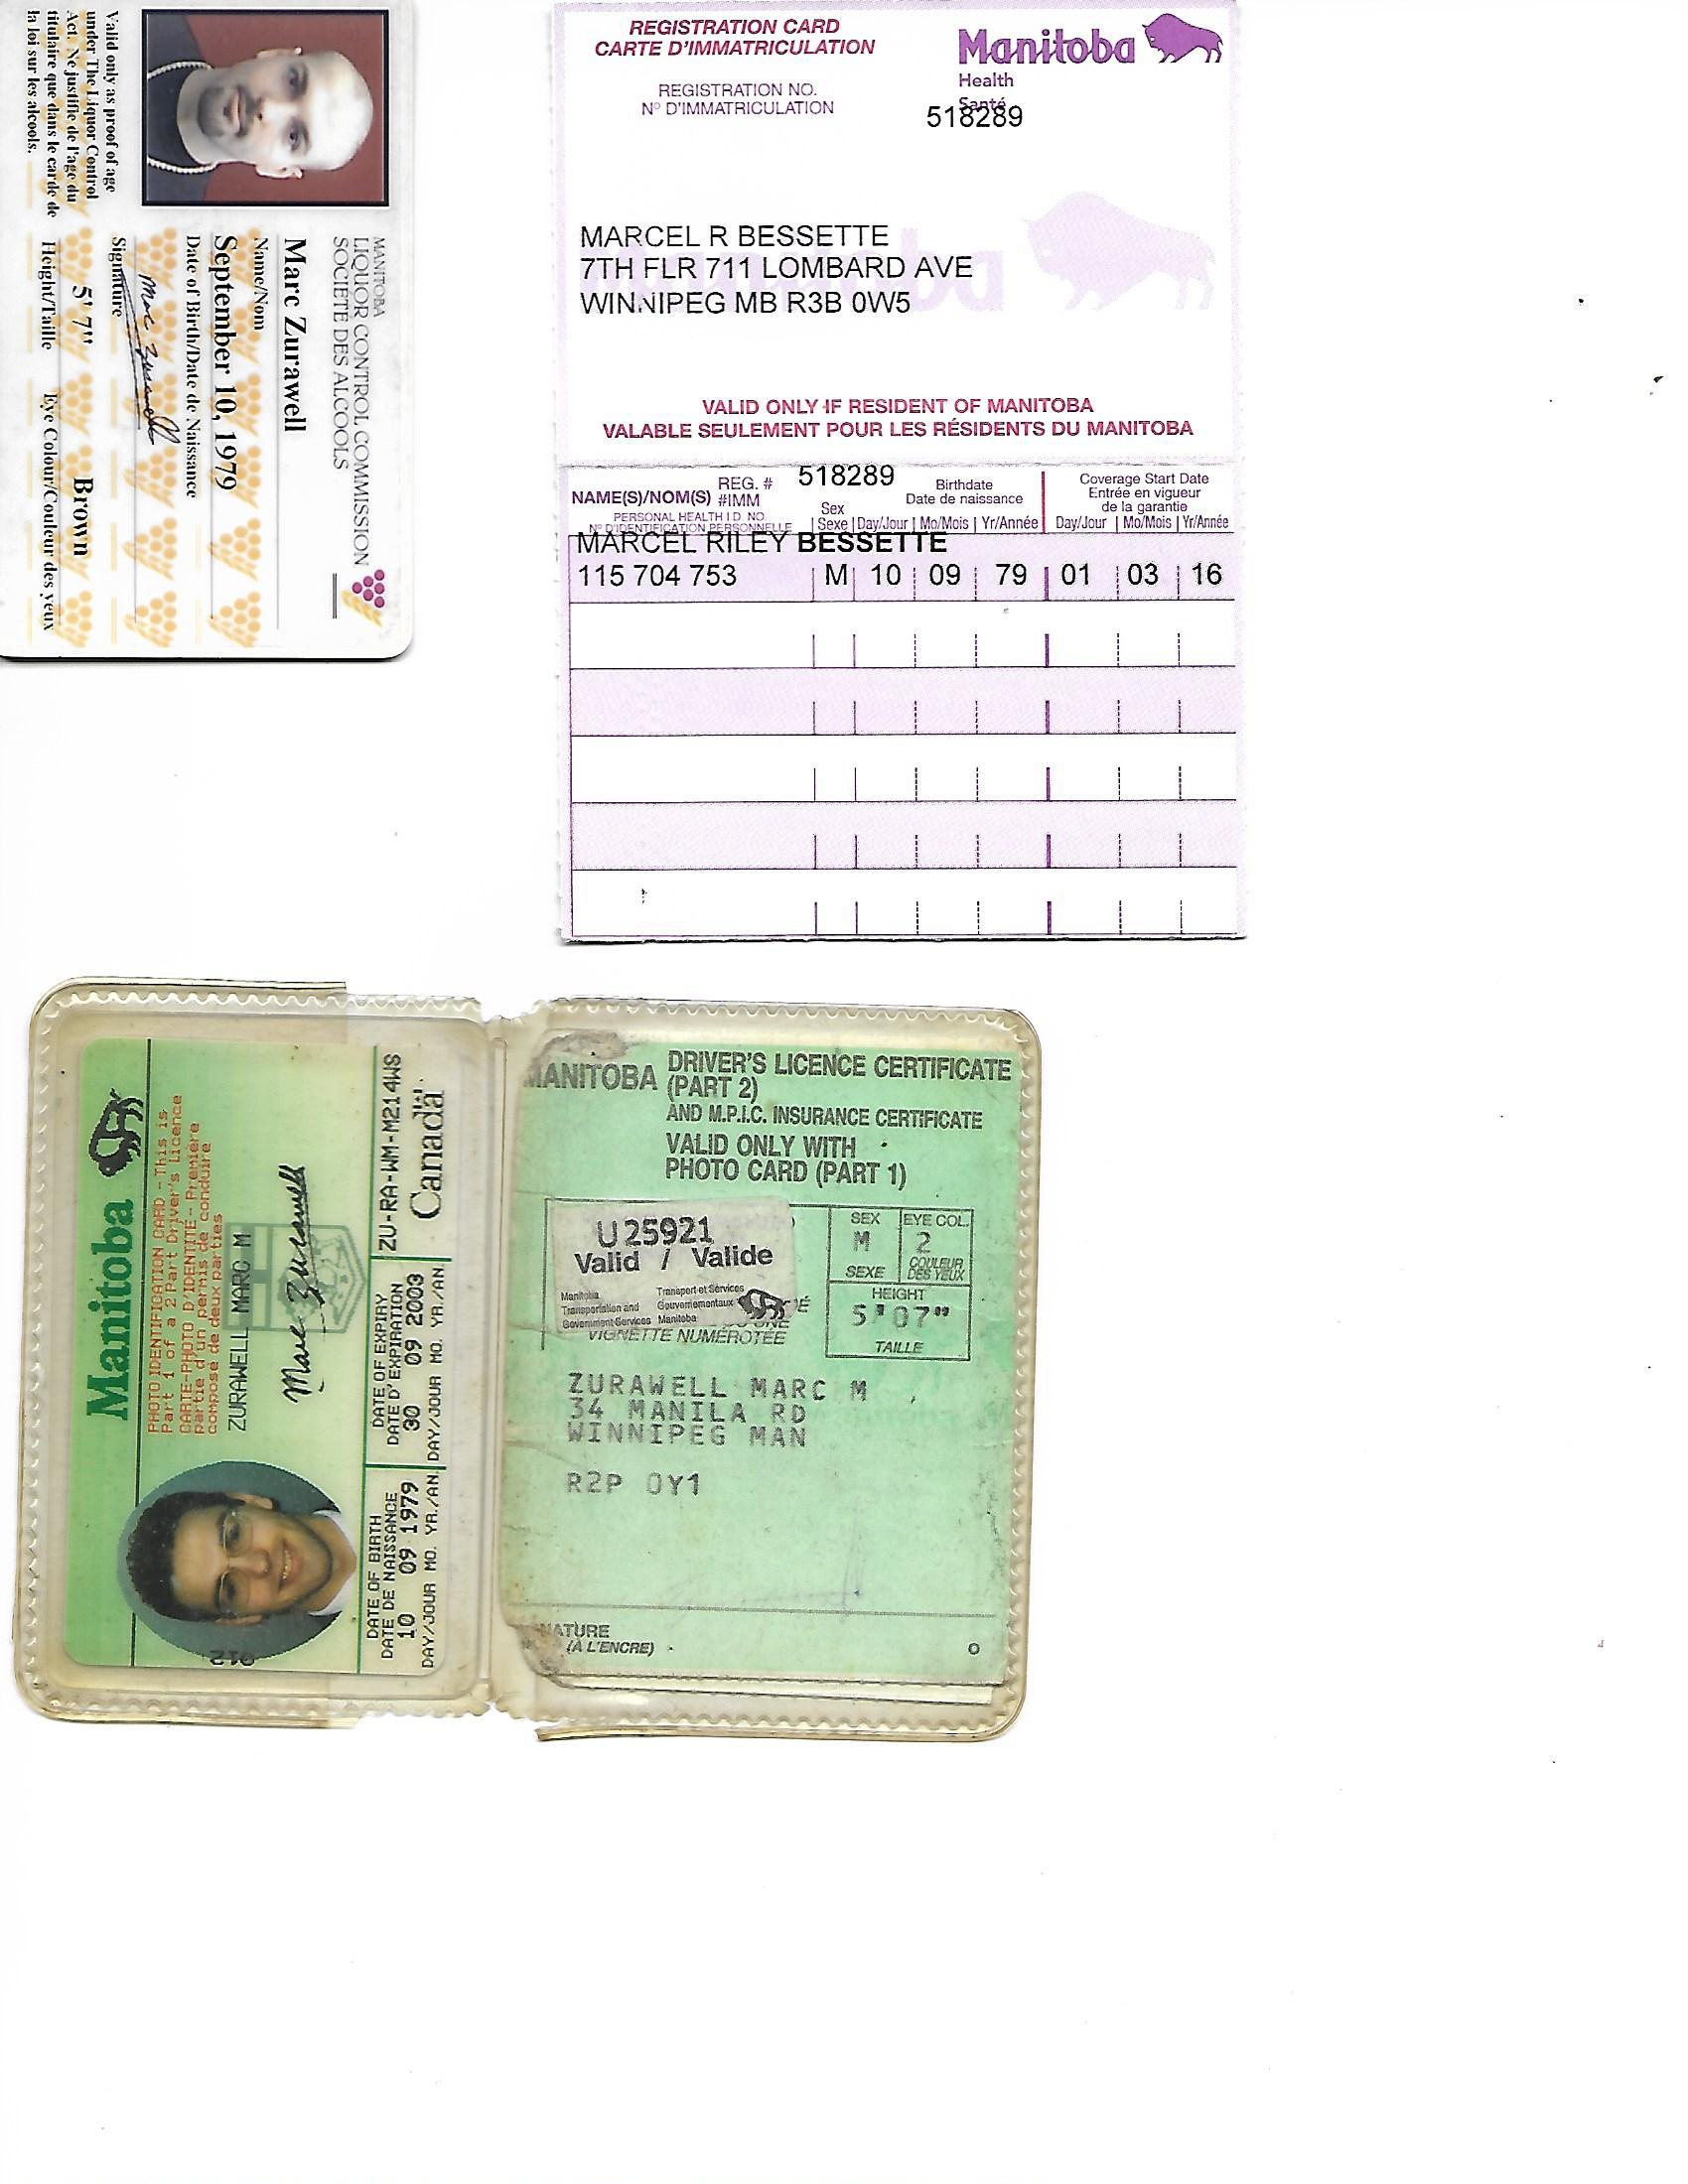 L.C. Card, Exp License, Health Card